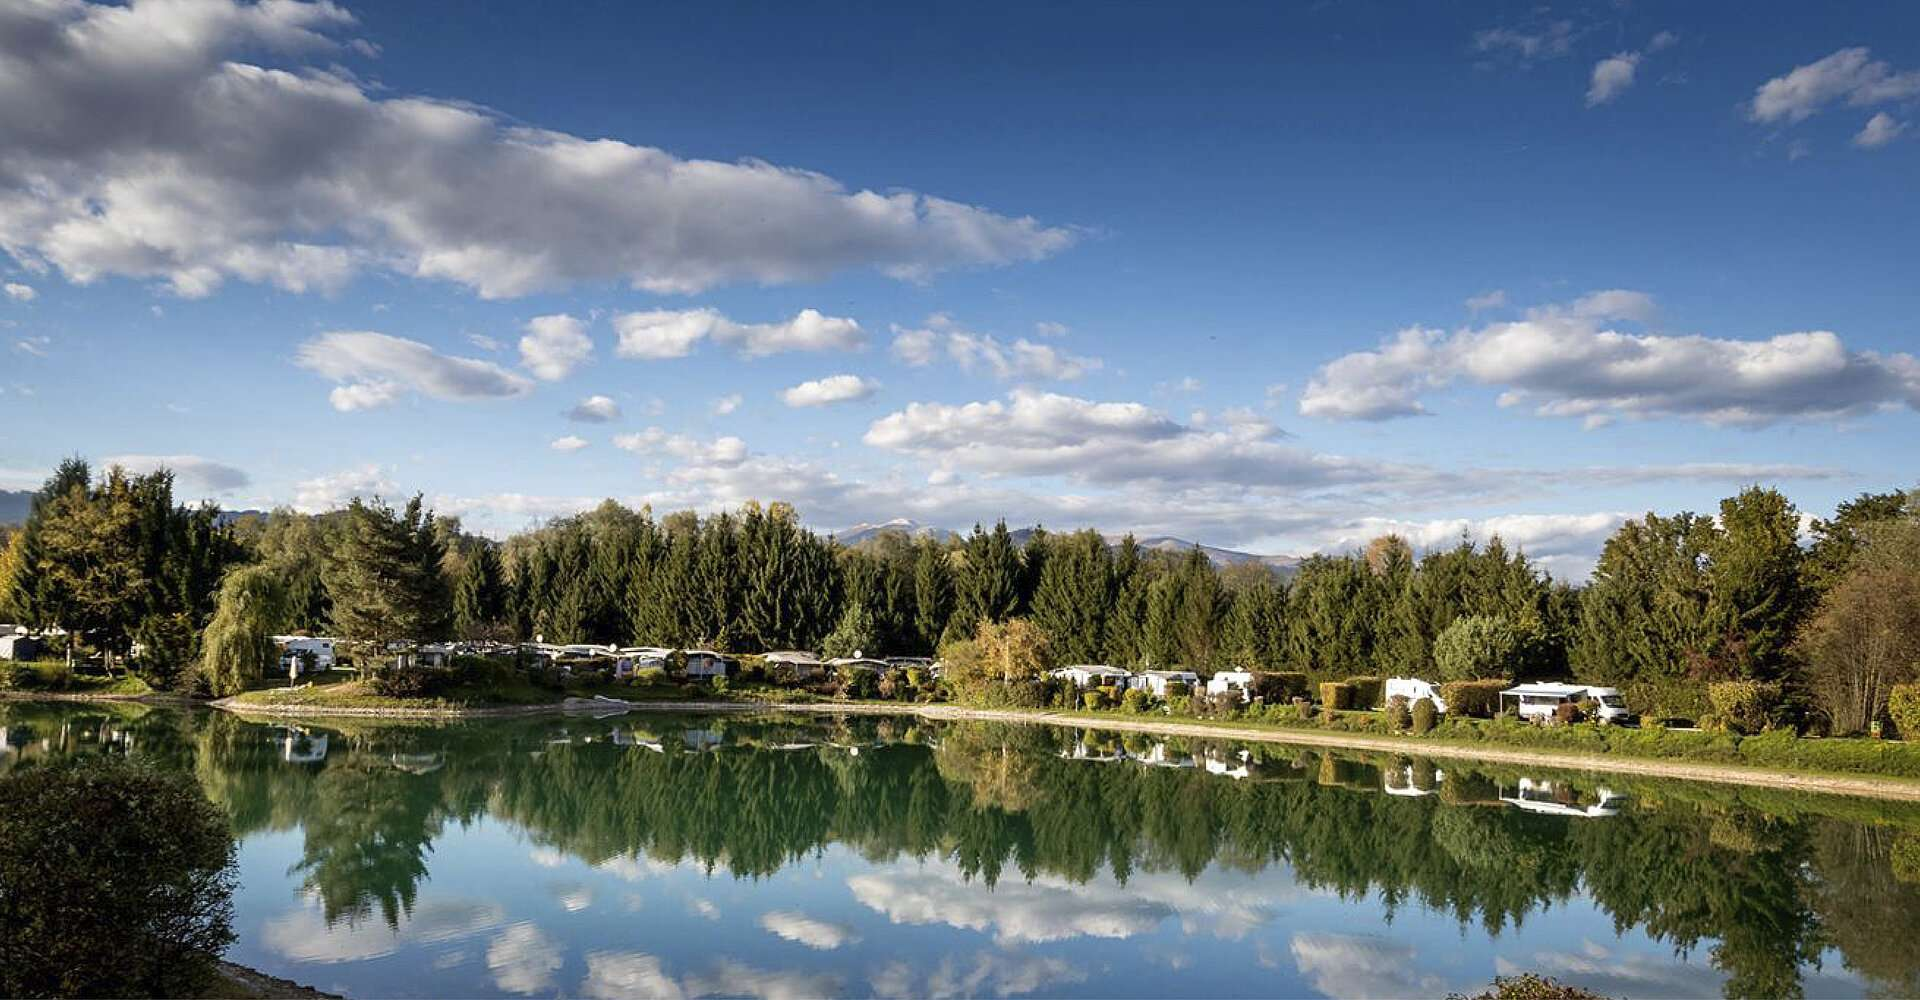 Campingplätze im Murtal - Von 5-Stern Camping bis zum Camping rund um den Red Bull Ring